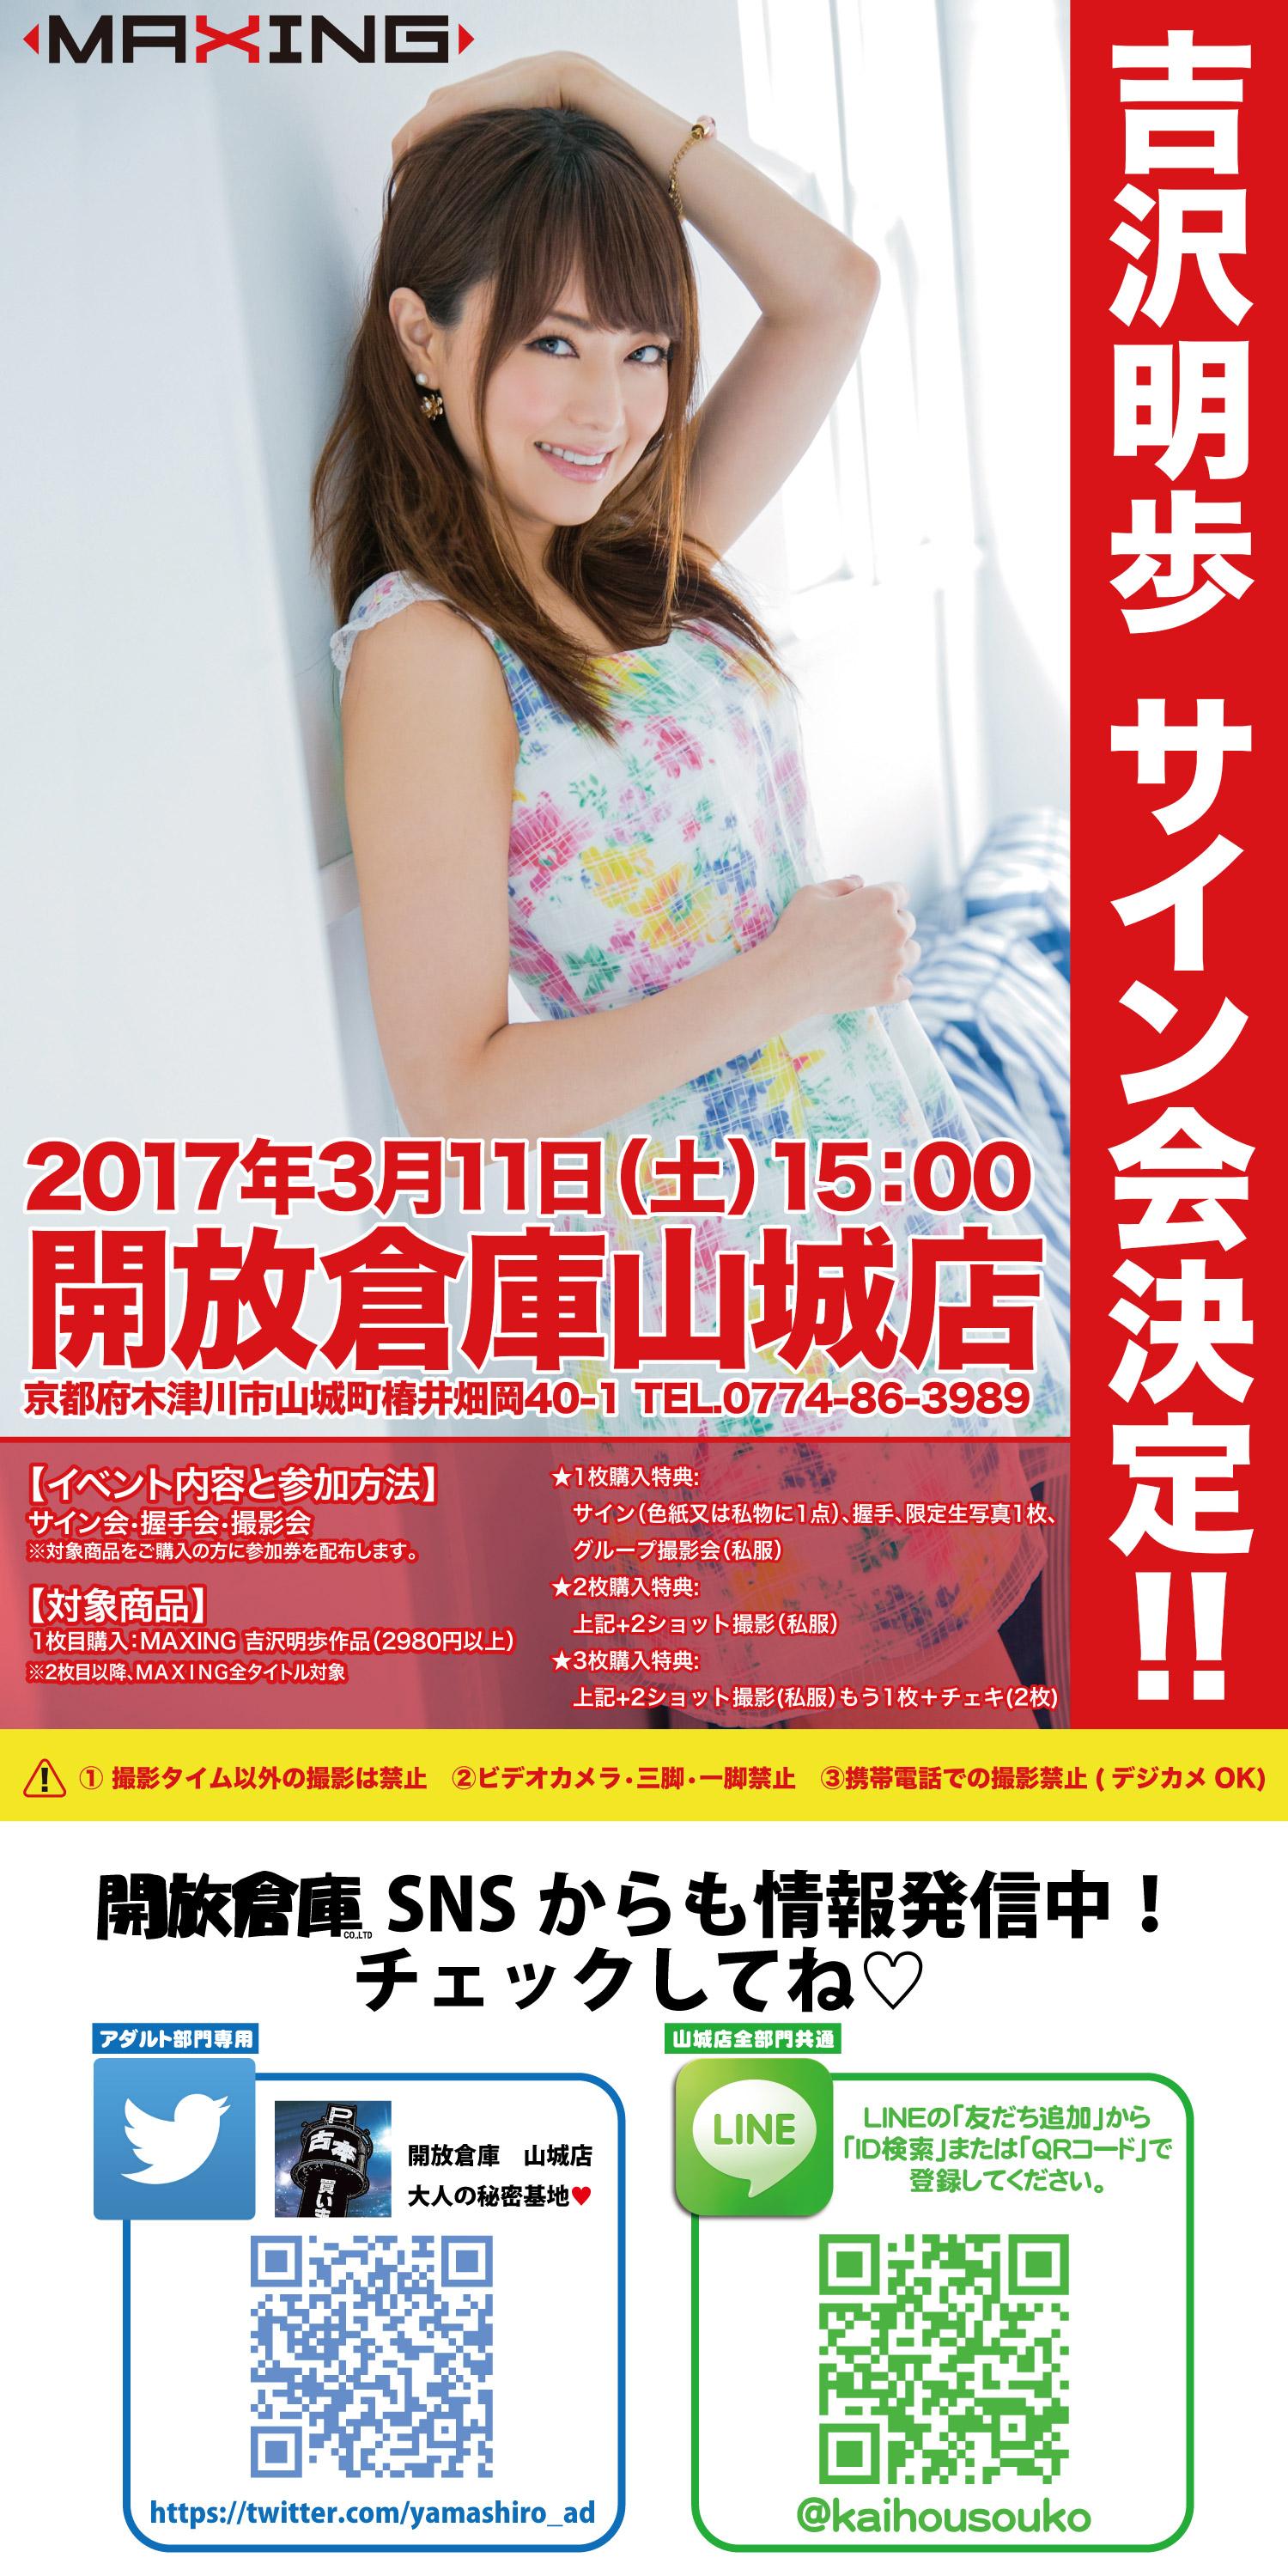 「開放倉庫山城店」2017年3月11日(土)15:00~吉沢明歩サイン会決定!!